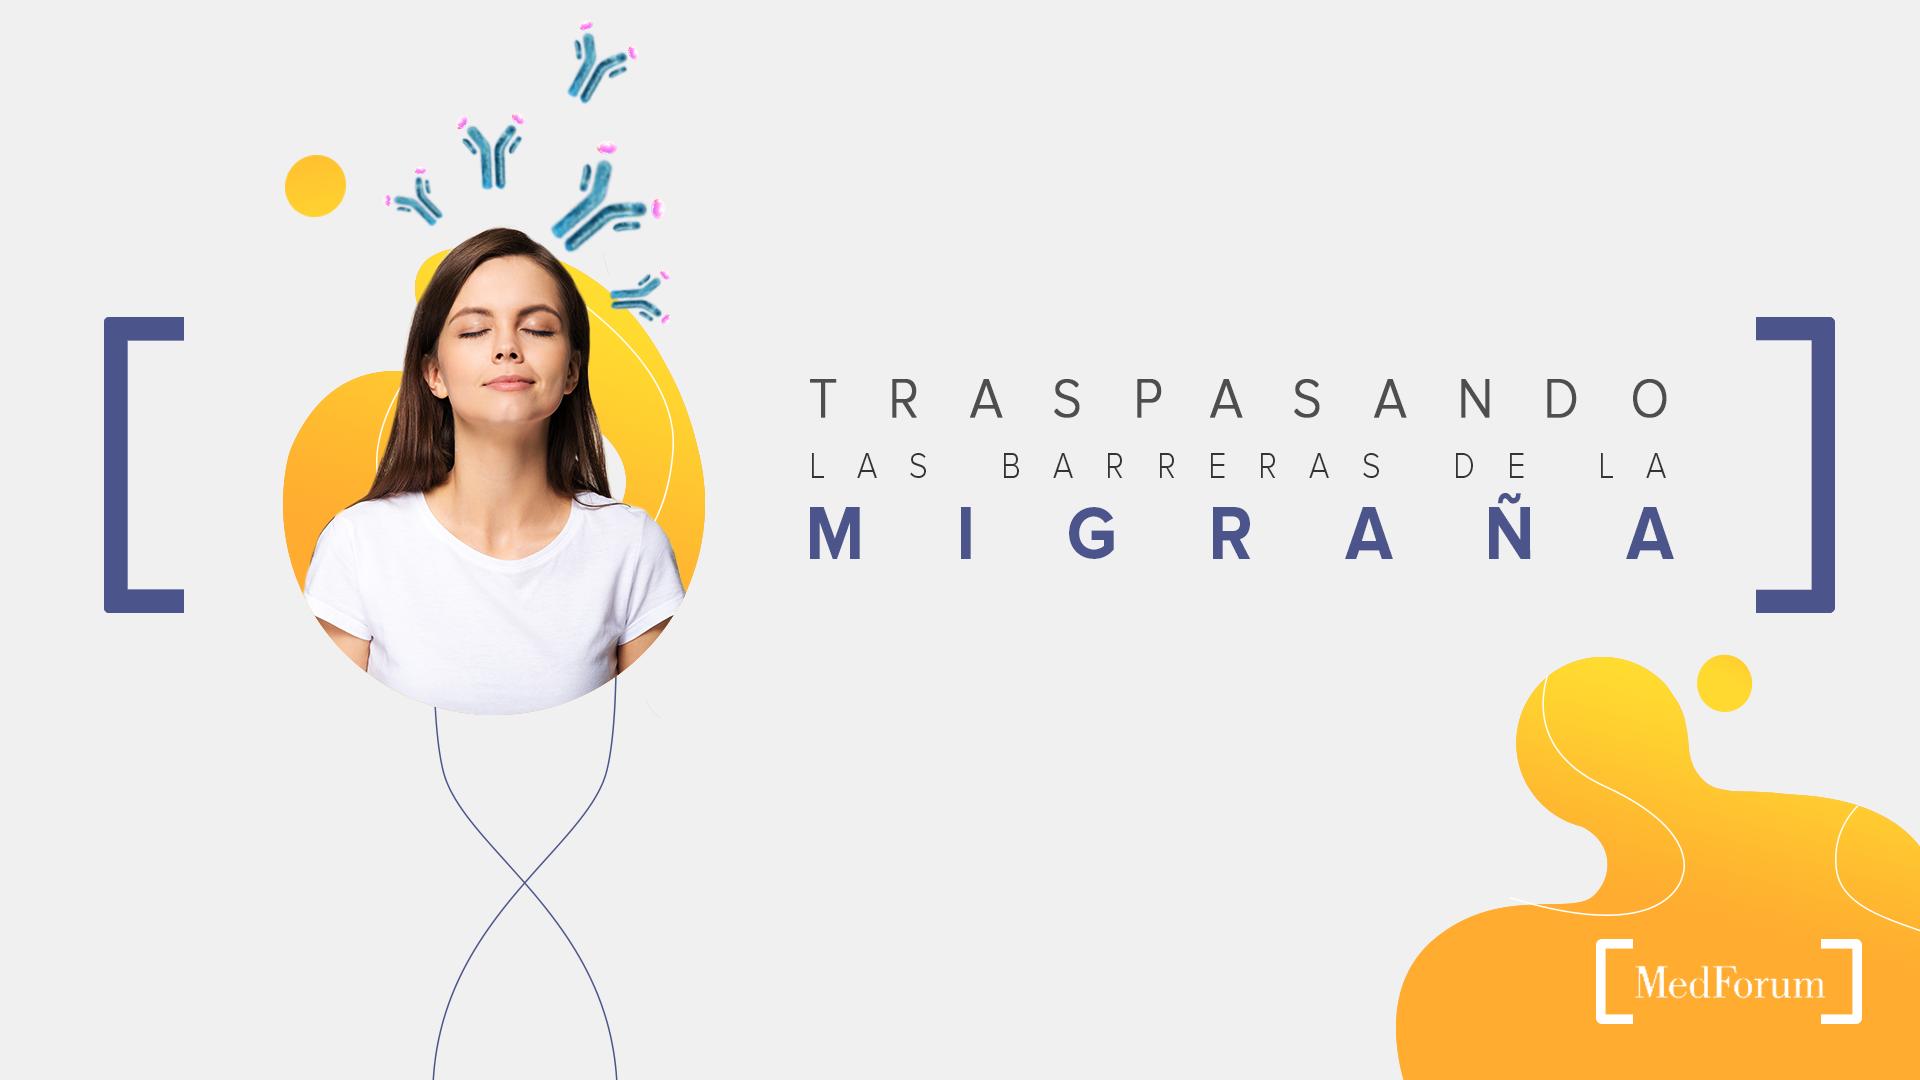 El futuro en el tratamiento de la migraña